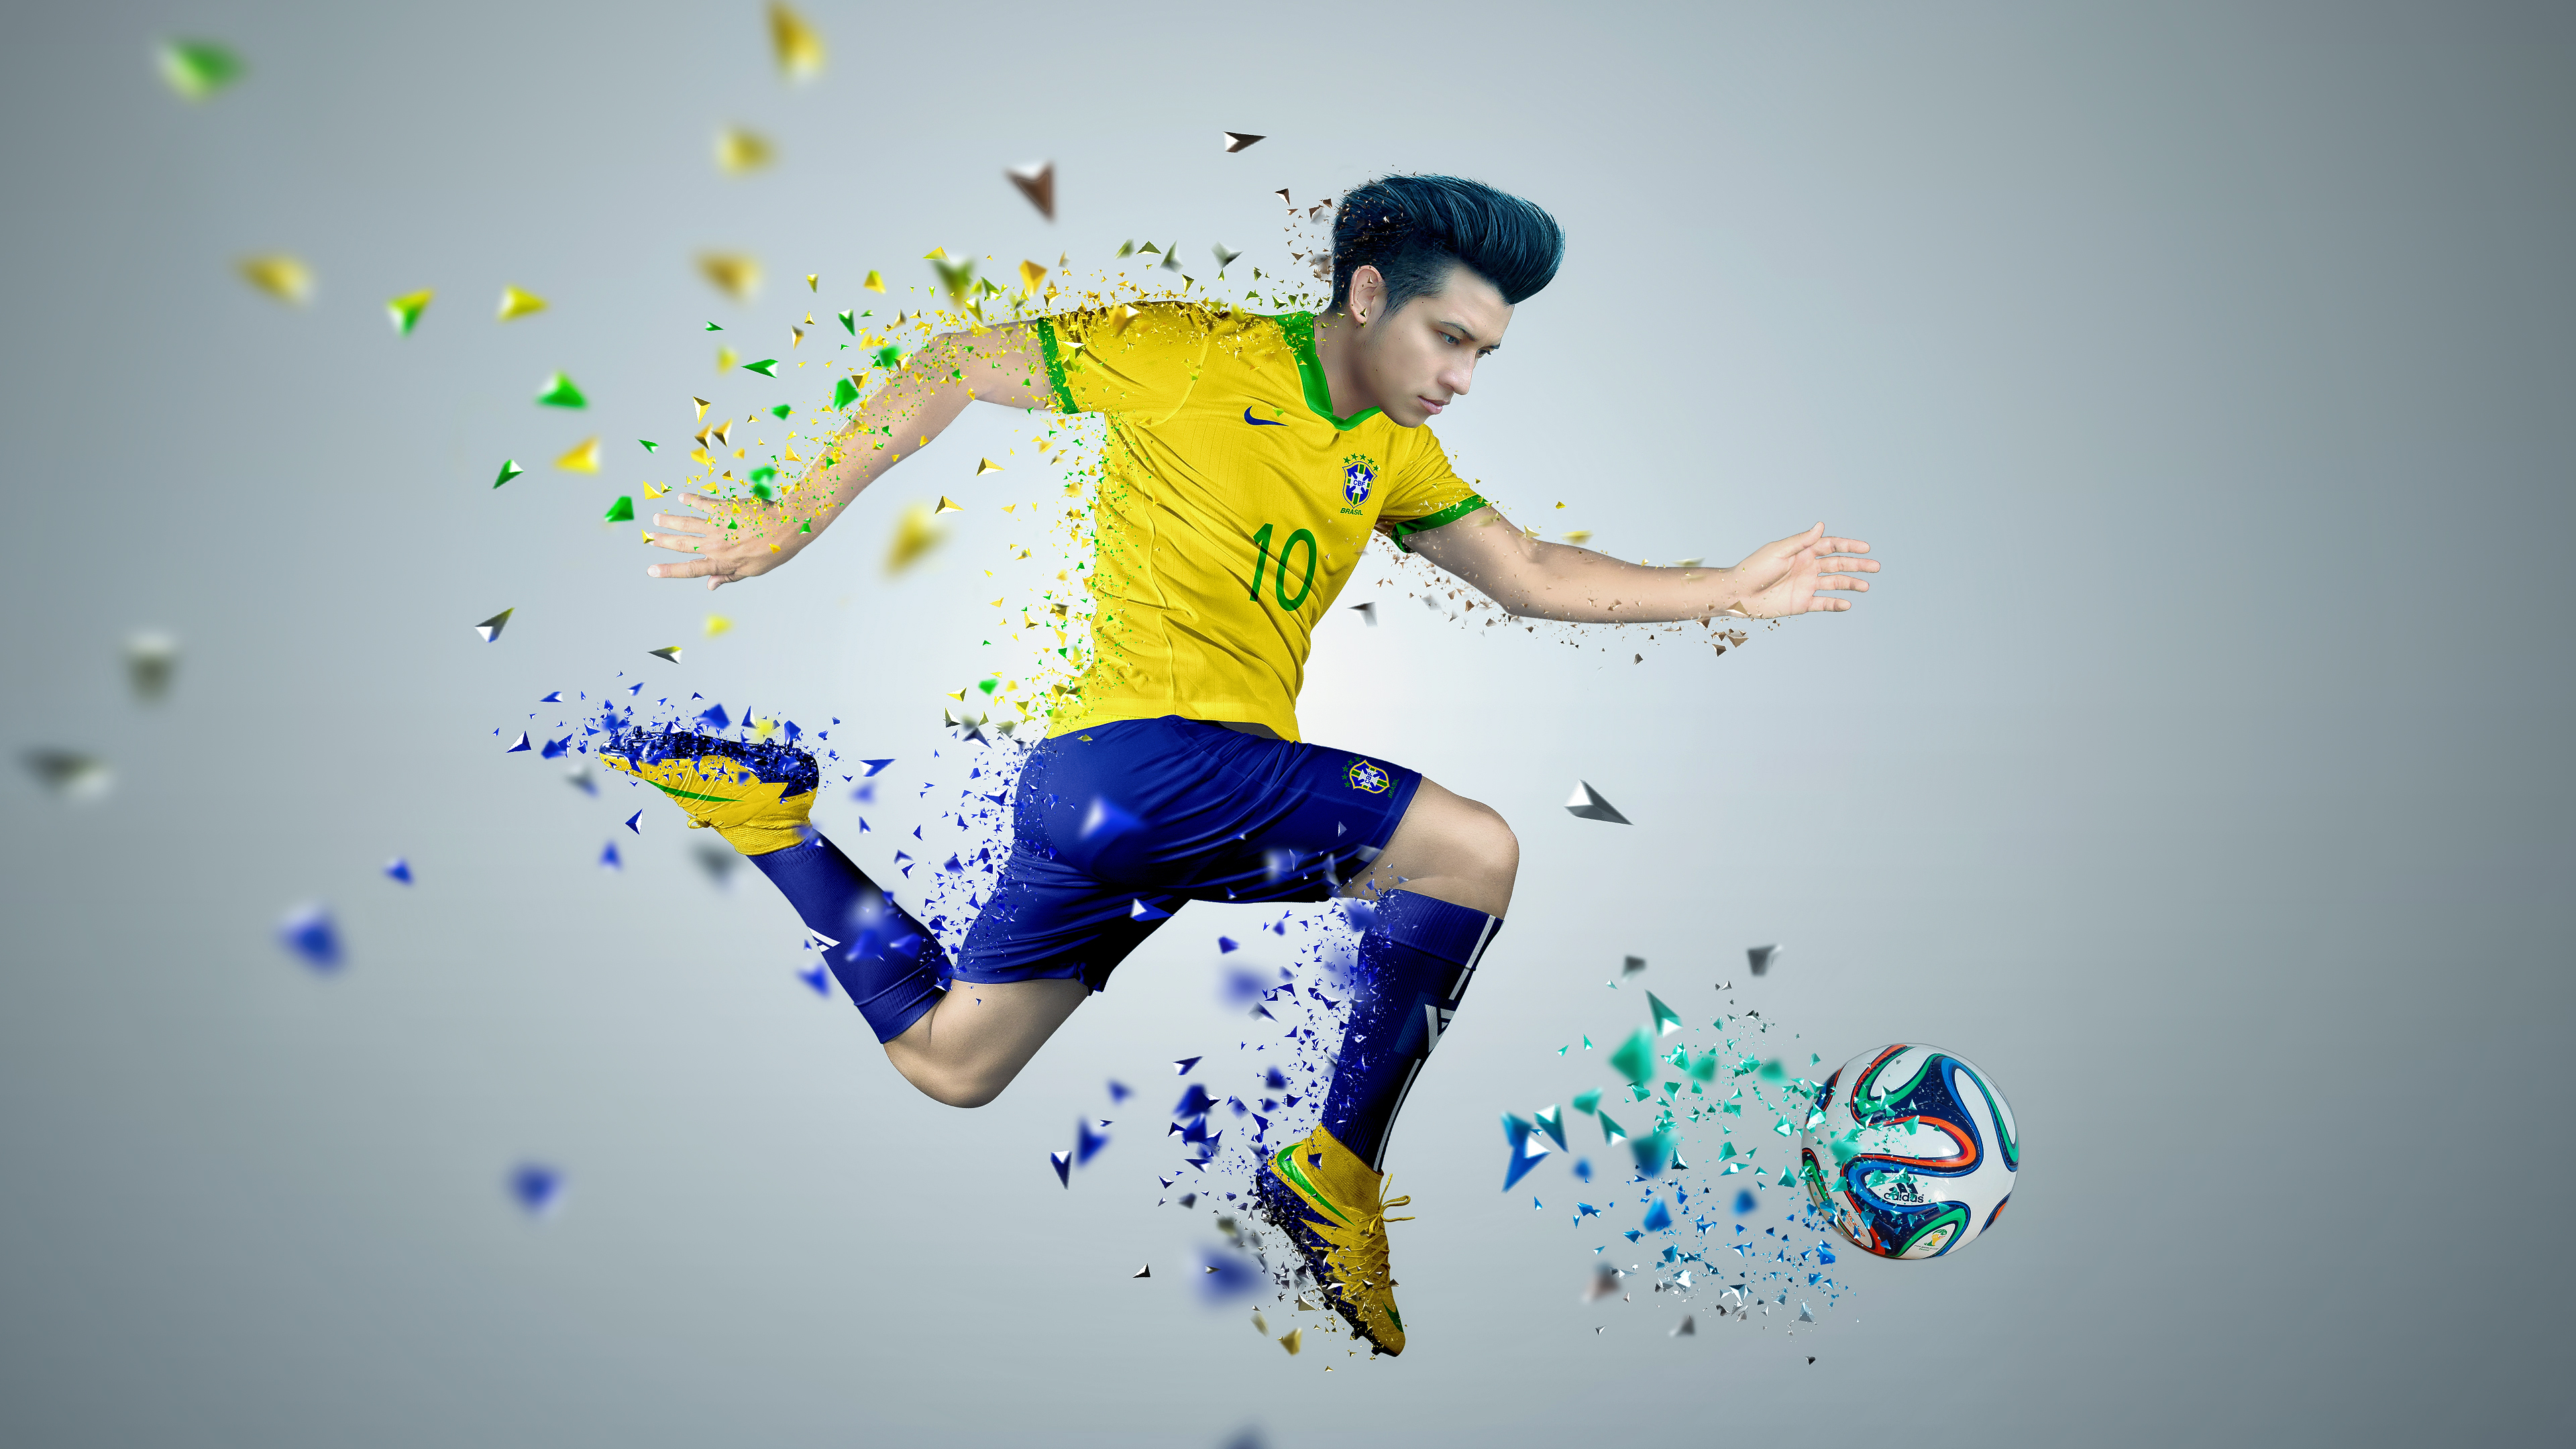 Sport Fan Art Digital Art Soccer